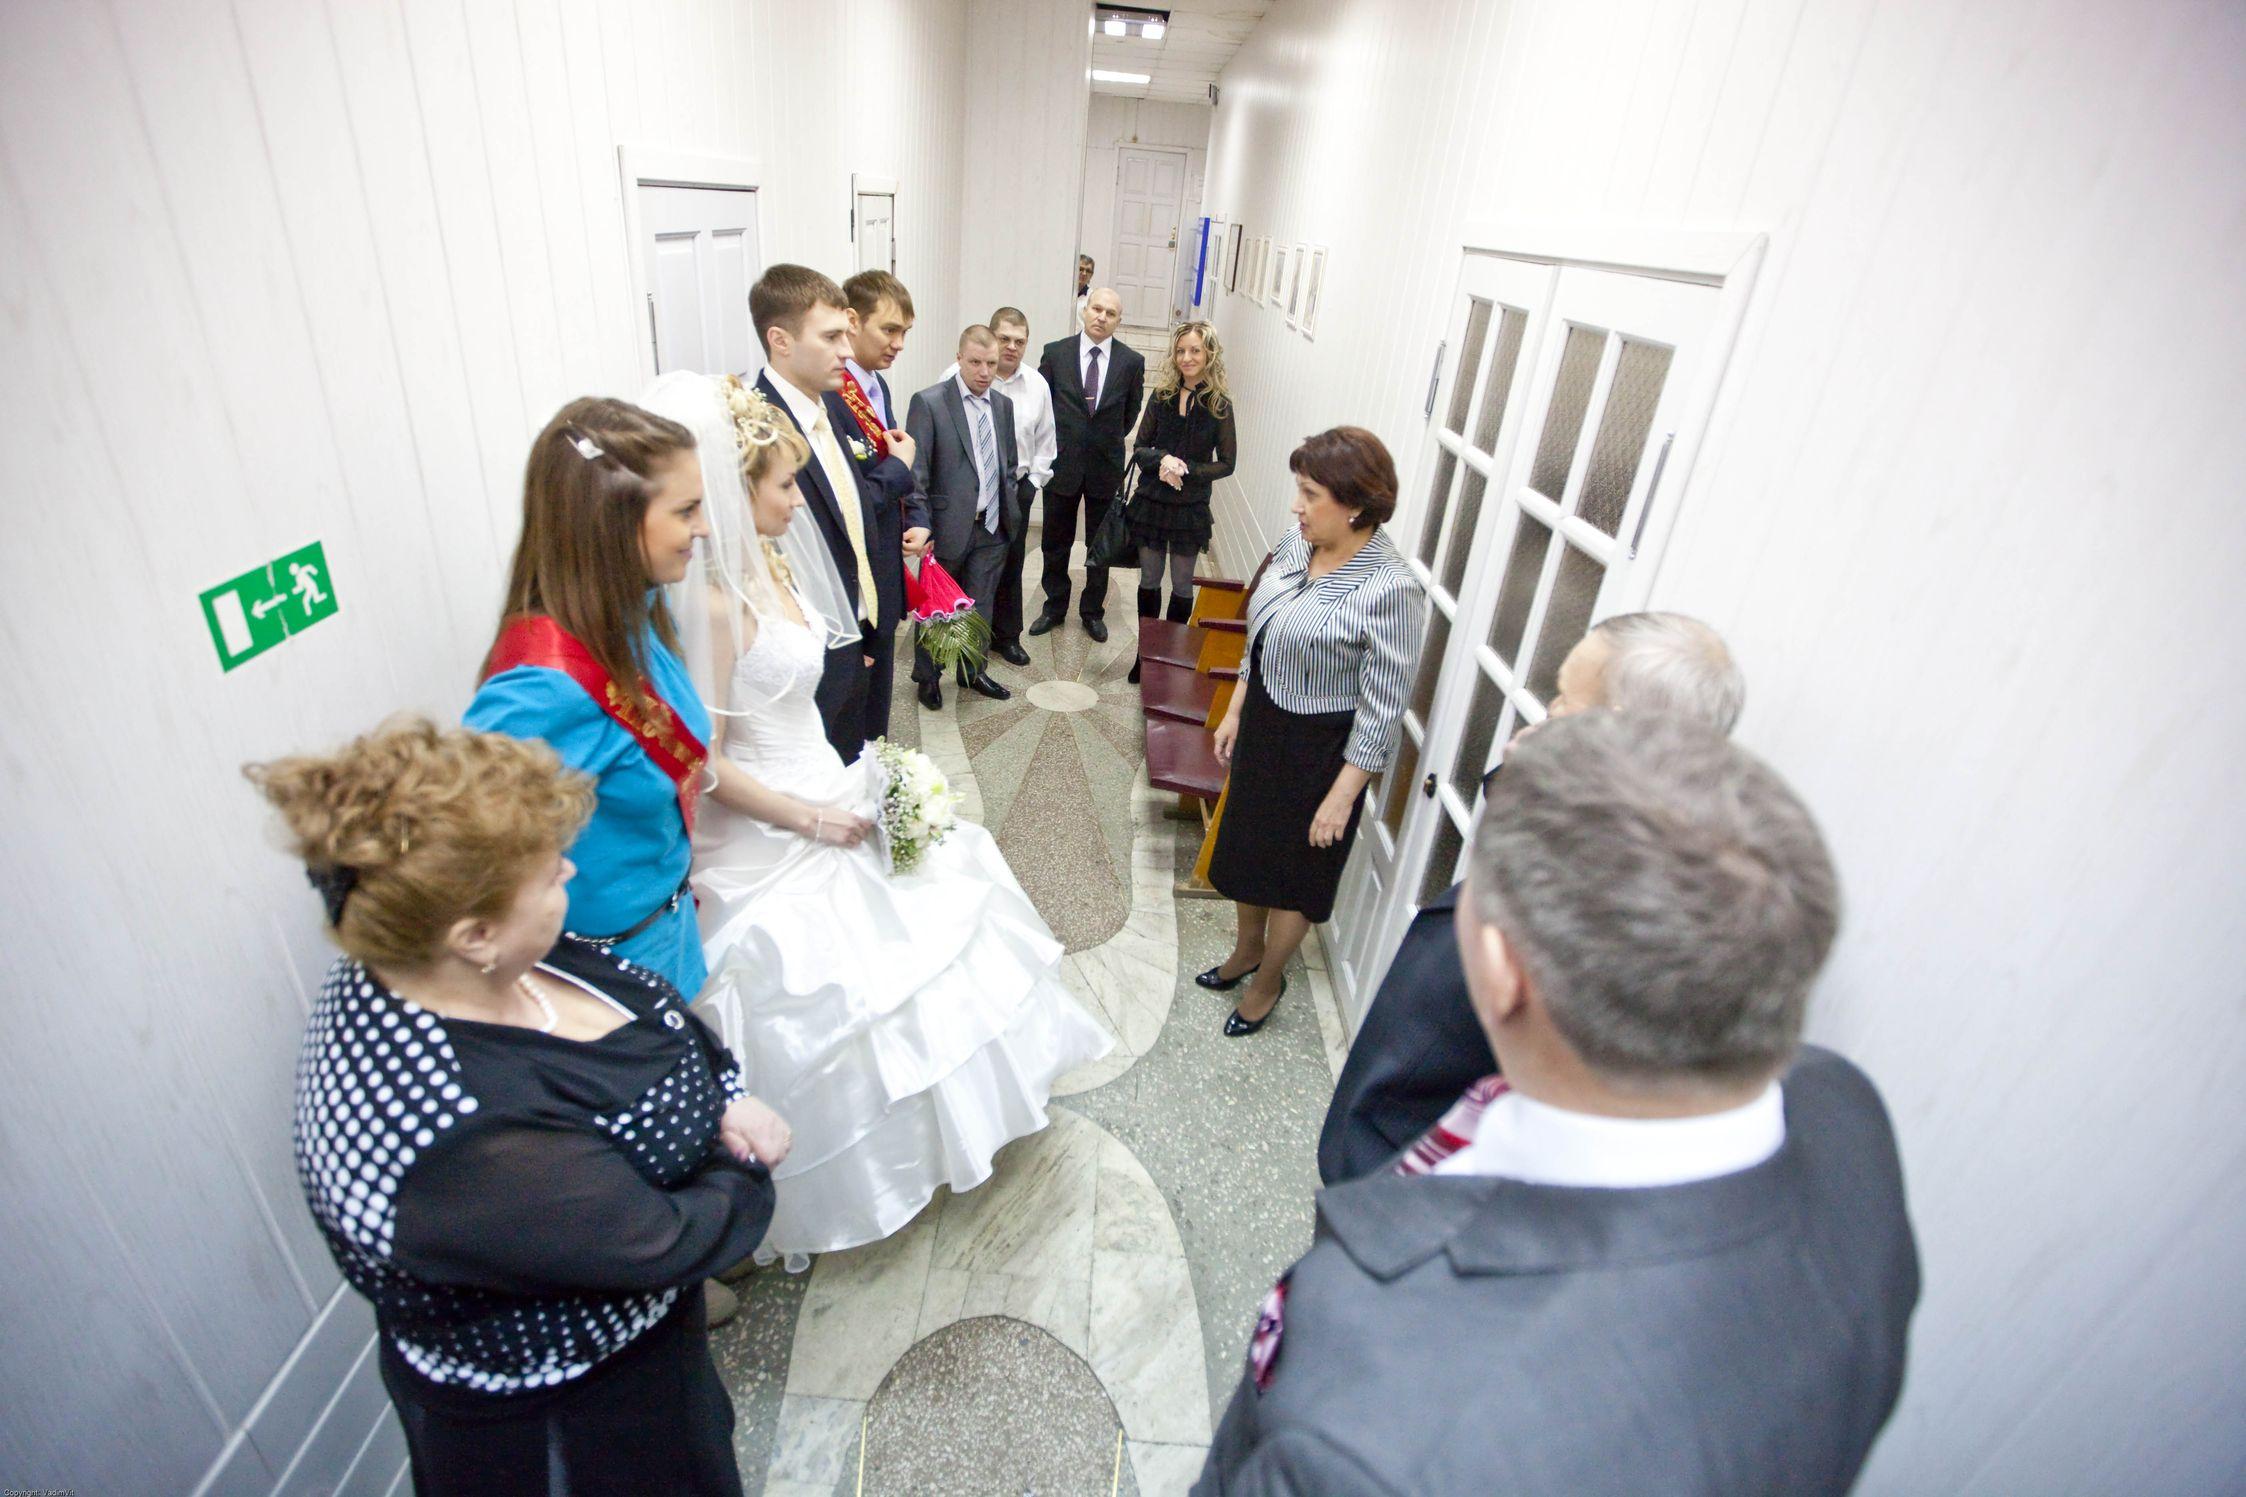 Комната ожидания и вход в зал торжественных обрядов. ЗАГС Ленинского района